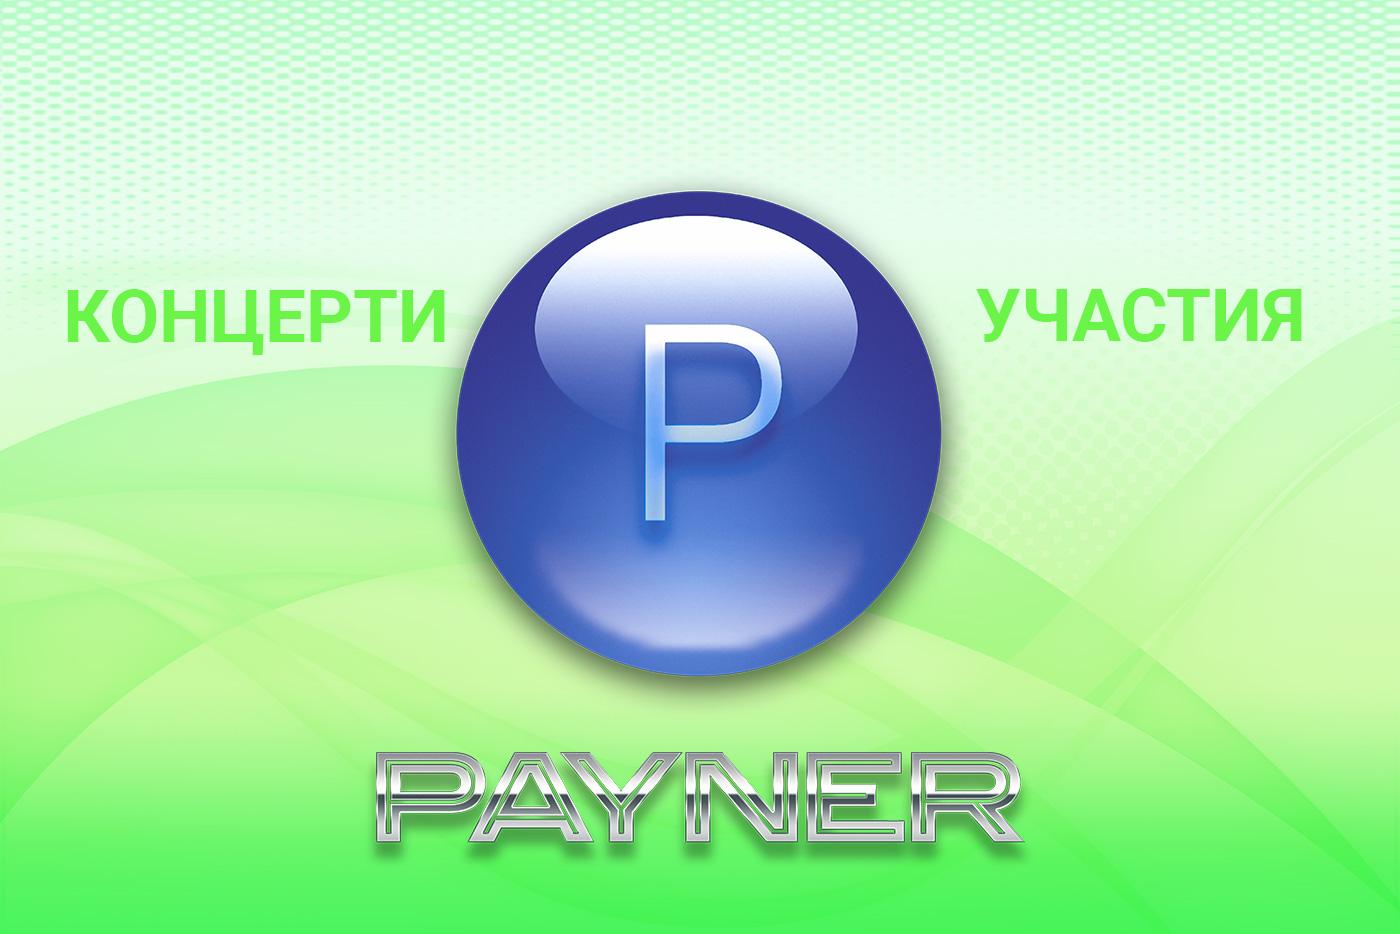 """Участия на звездите на """"Пайнер"""" на 27.02.2020"""